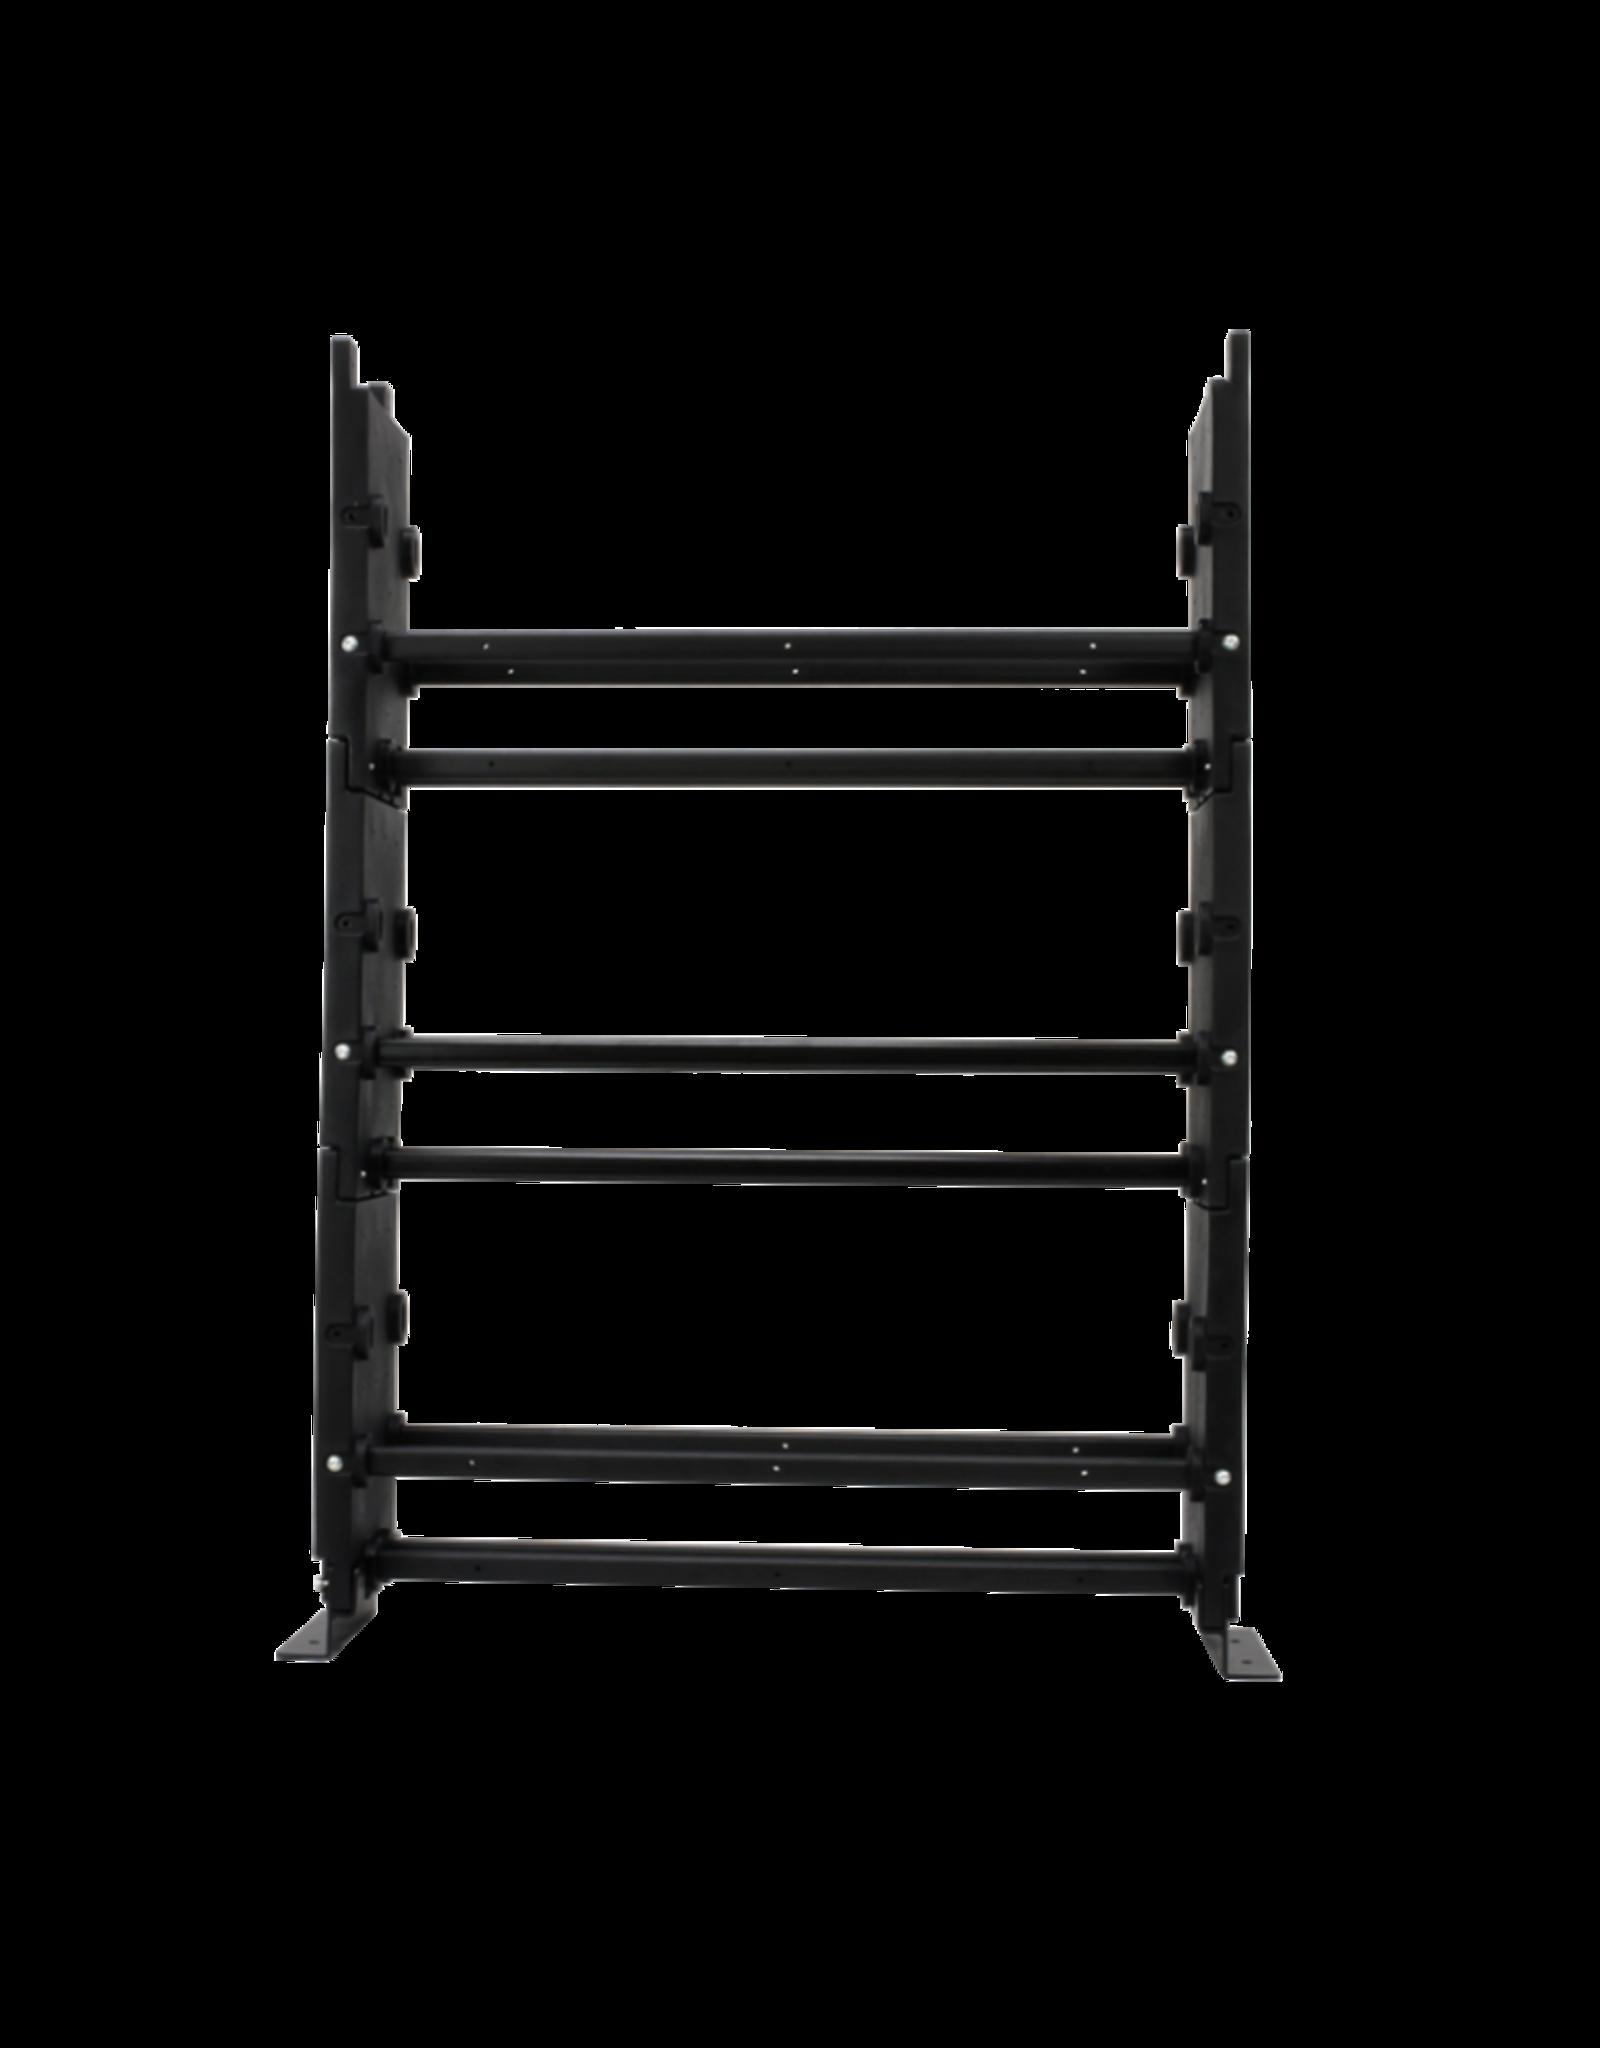 Modular Van Shelving System (Pack of 3 Shelves)